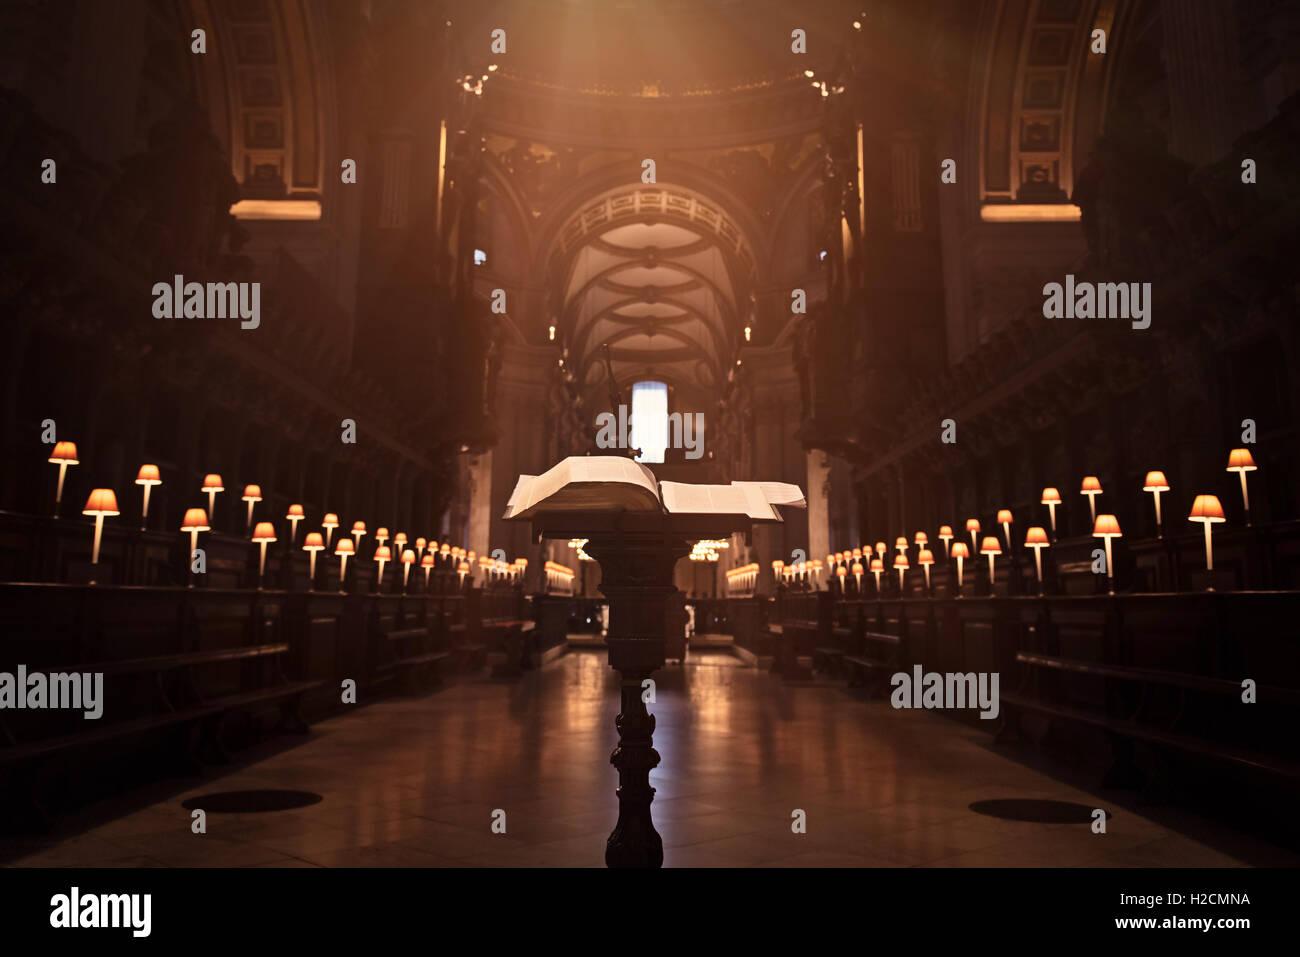 Coro e la bibbia su una tavola di legno scolpito stand alla Cattedrale di San Paolo a Londra Immagini Stock